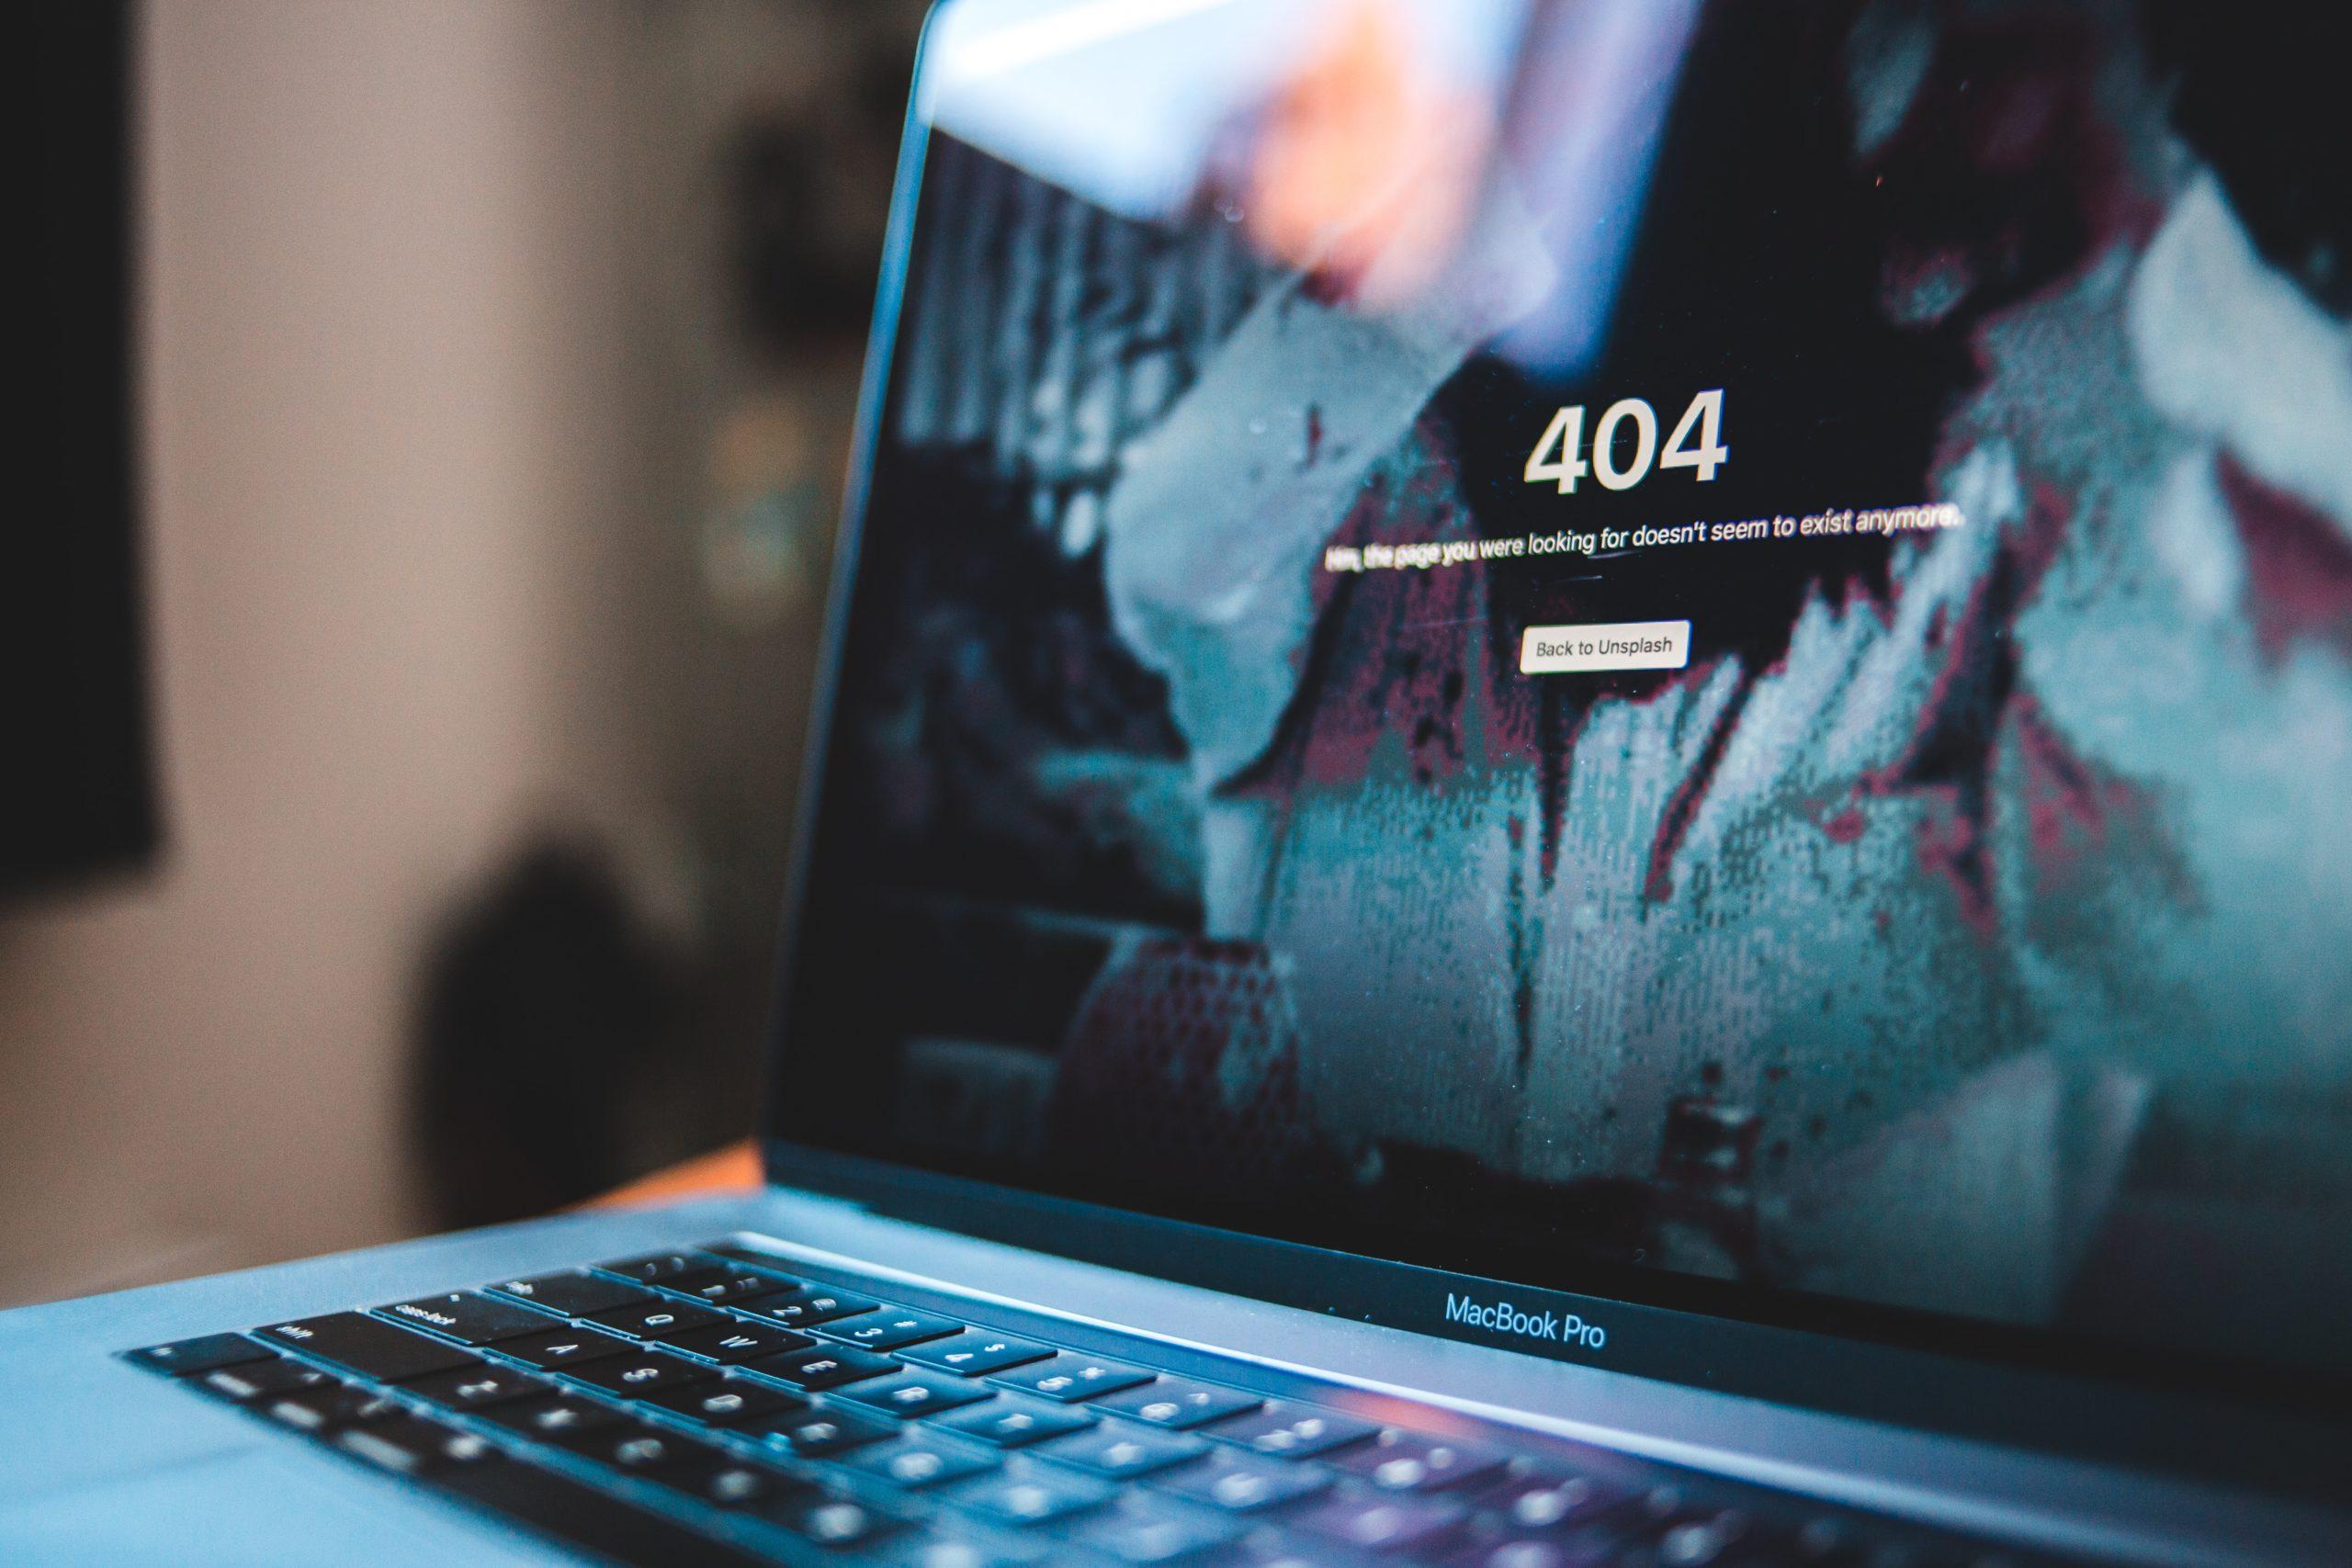 ¿Qué es el error 404? Cómo solucionarlo o personalizarlo